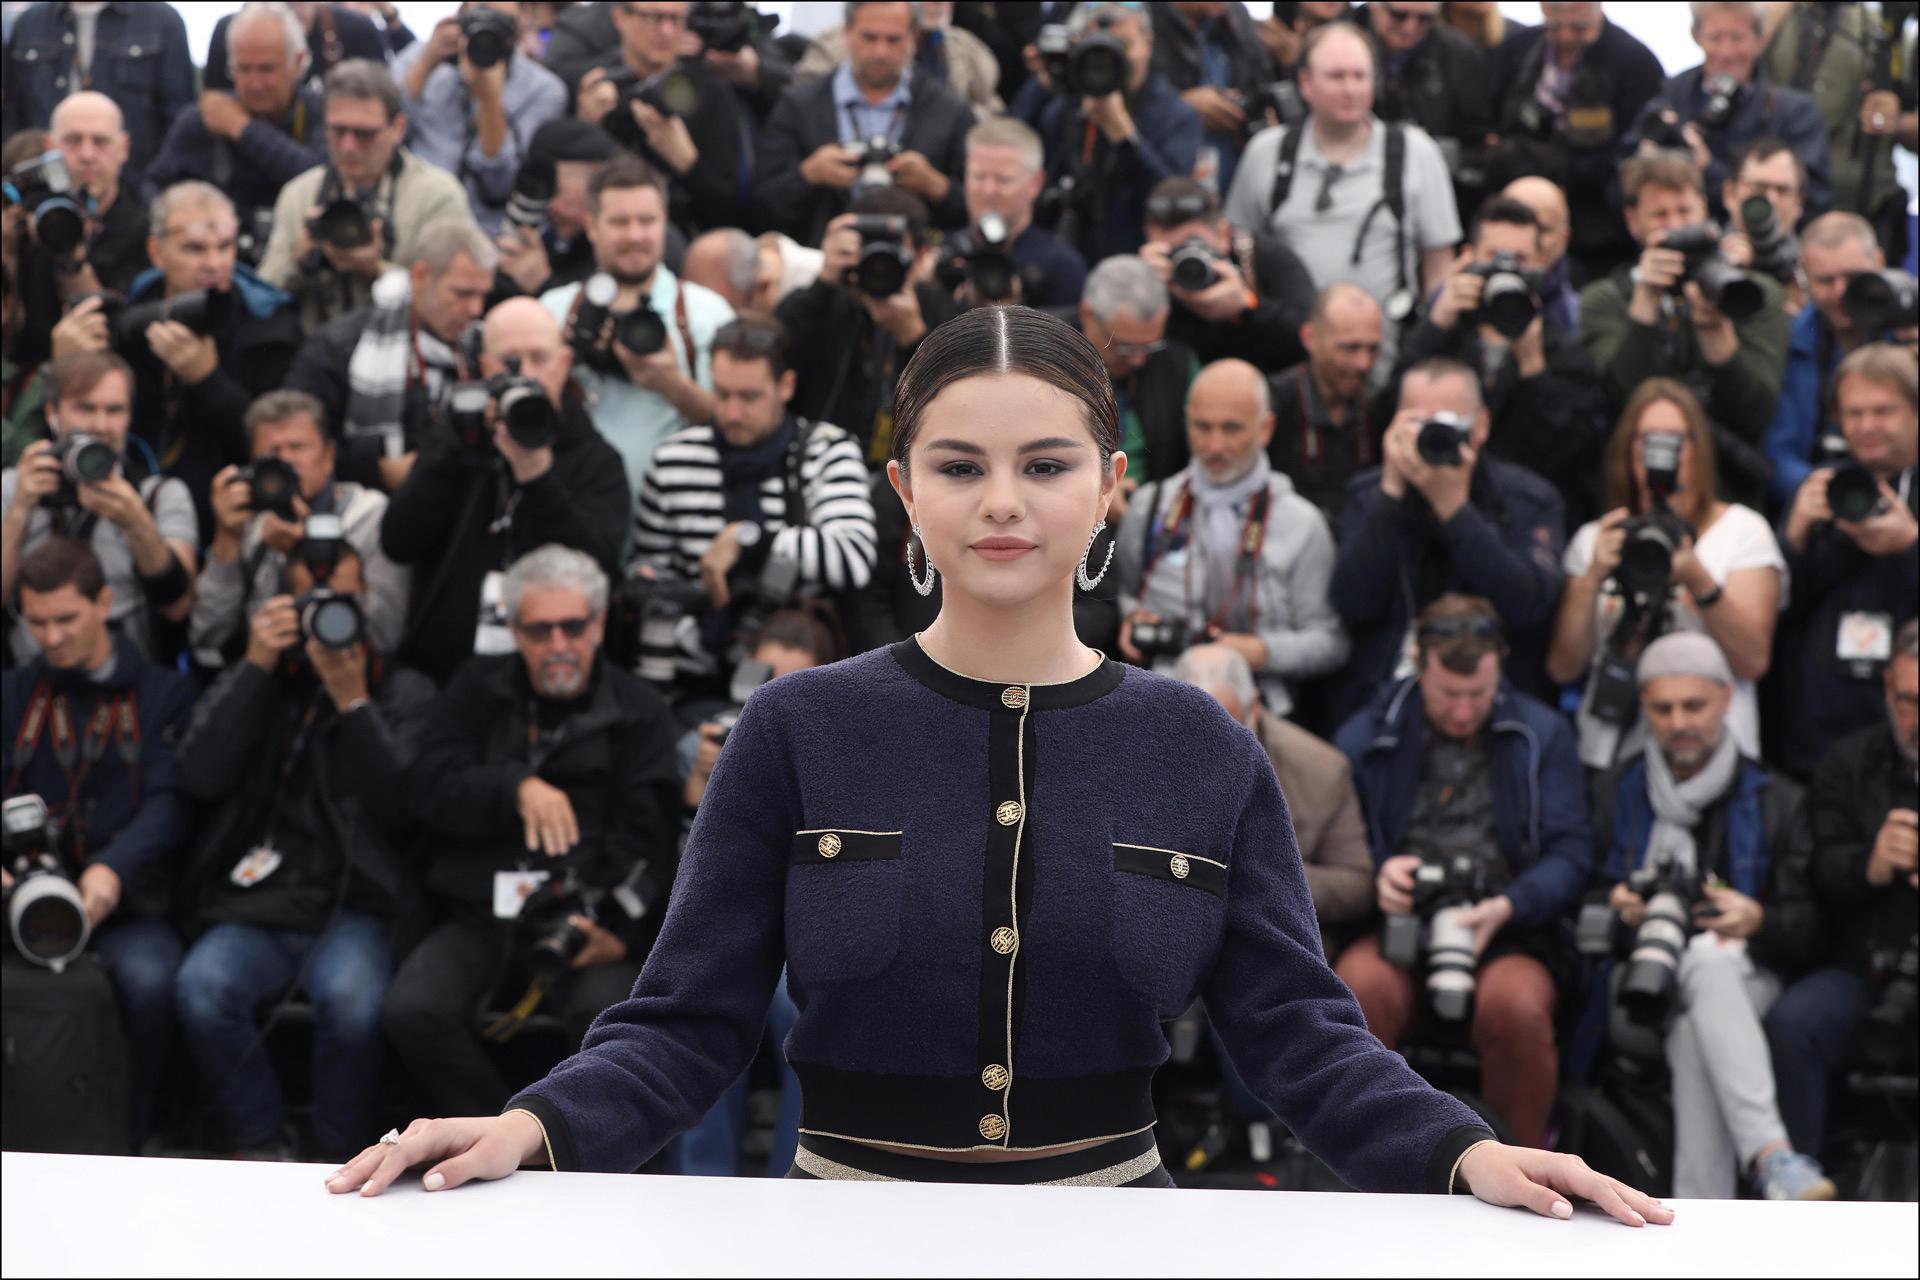 Selena Gomez sorprendió con un look formal chic en Cannes.